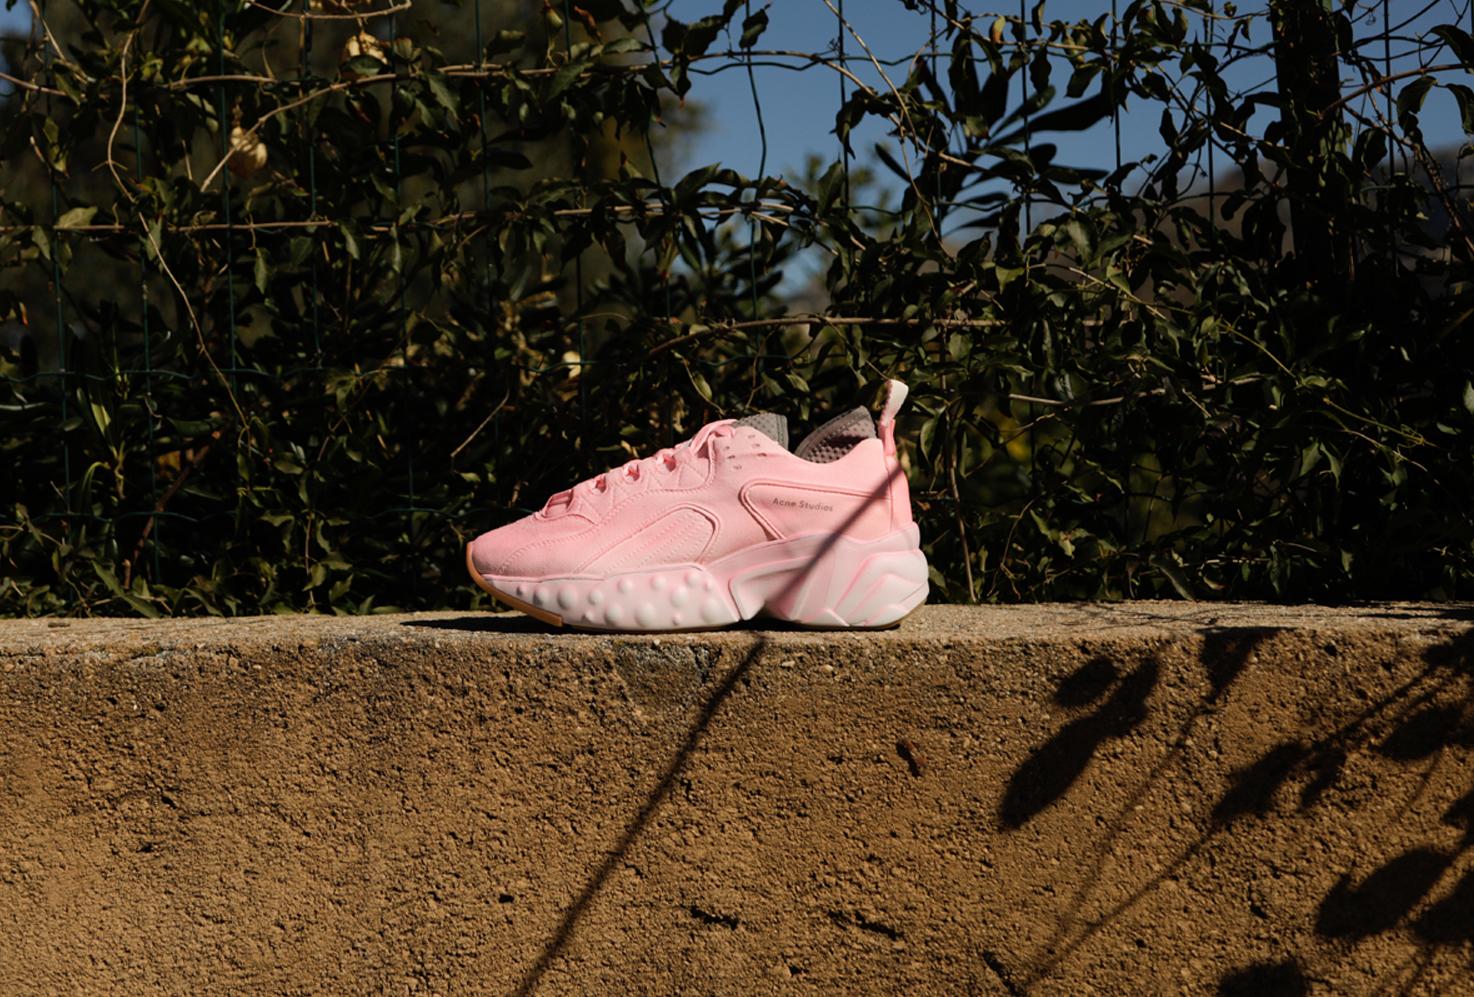 Who said sneakers?